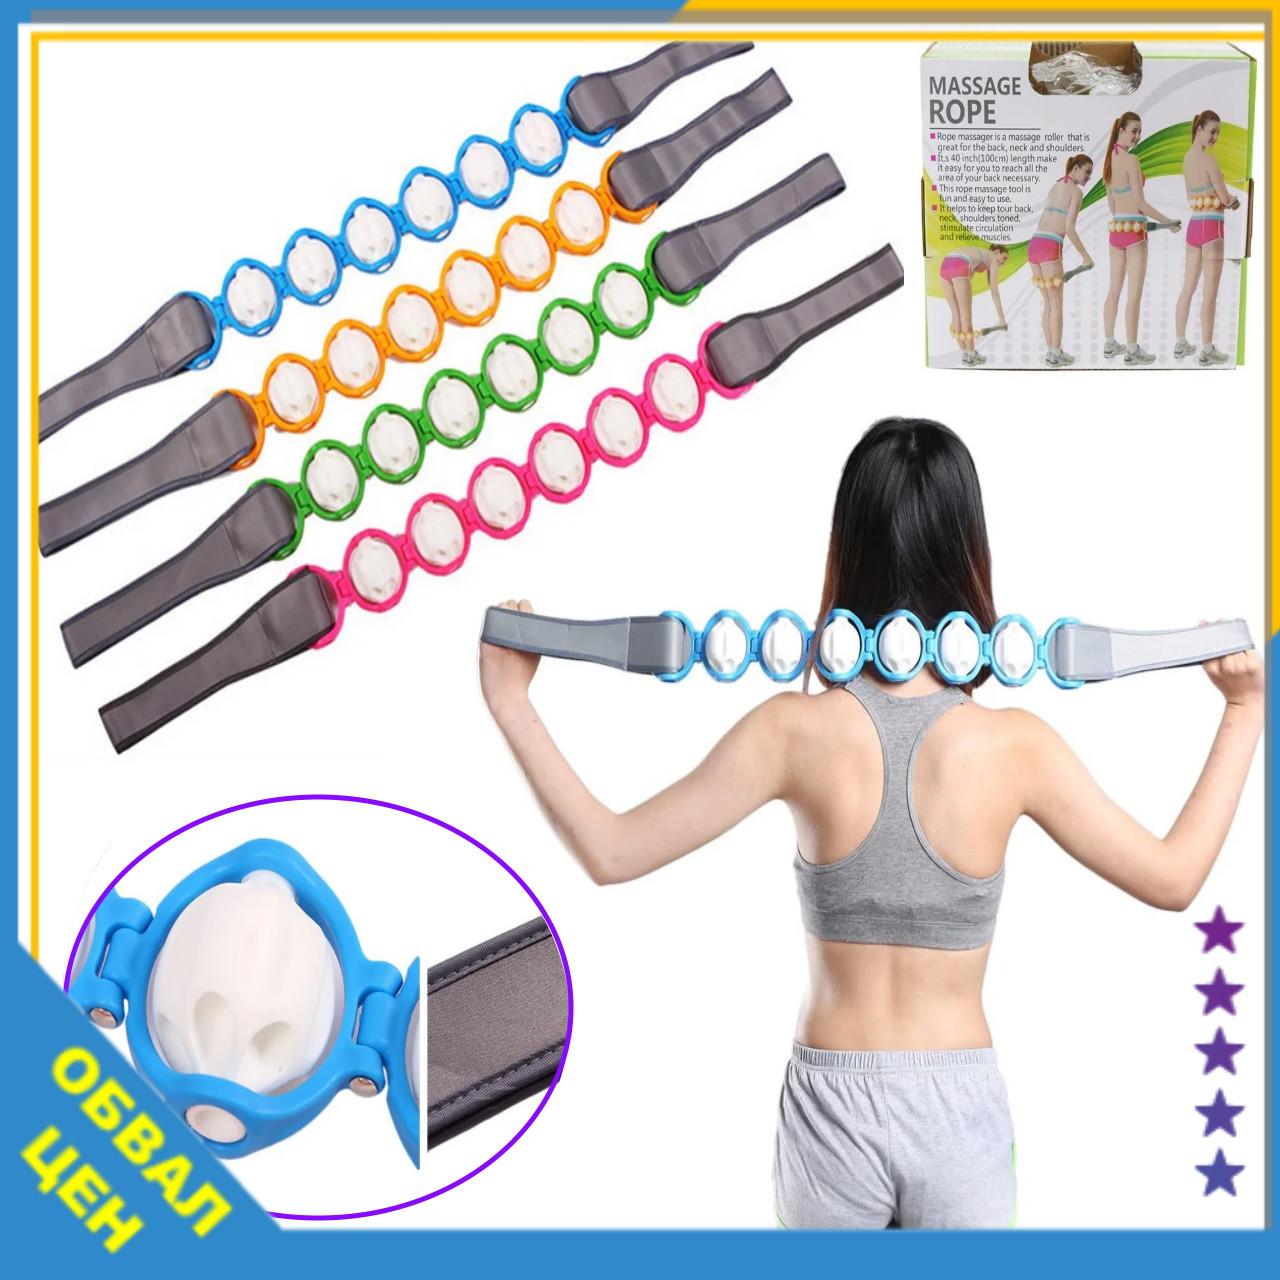 Масажер-стрічка роликовий Massage Rope для всього тіла спини універсальний стрічковий ручної розминає масажер